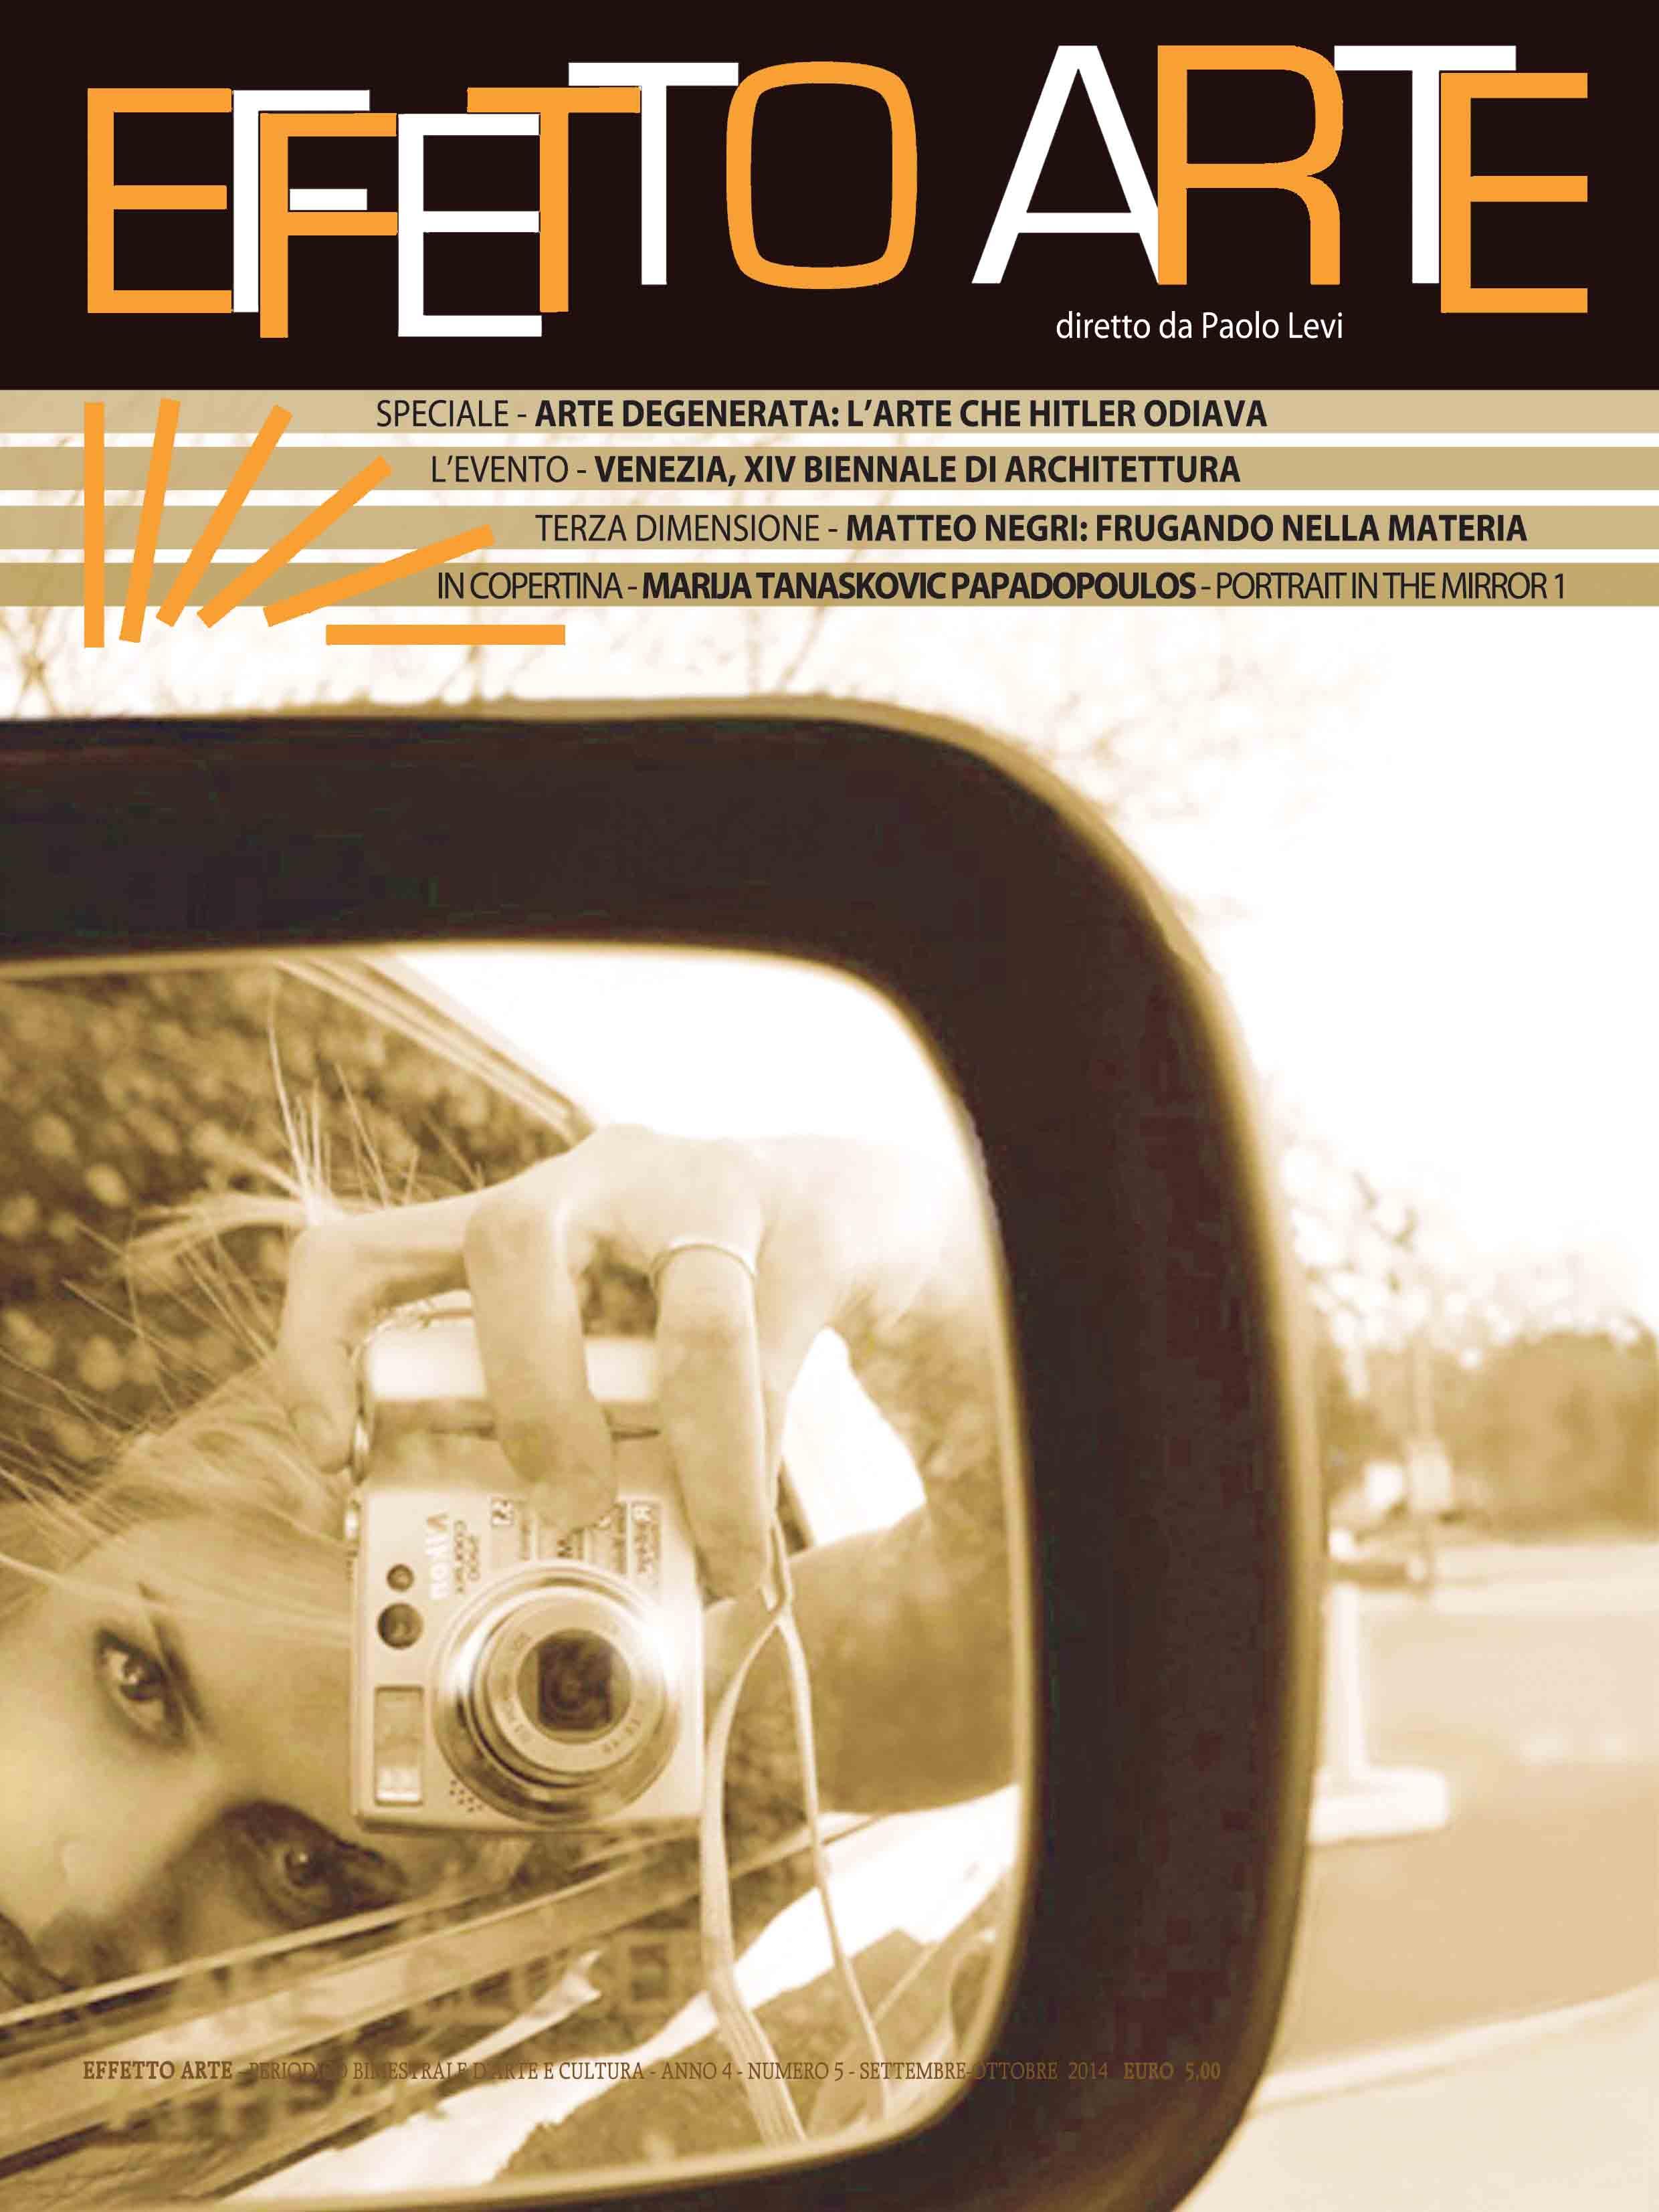 Cover page september 2014 Effeto Arte Tanaskovic-Papadopoulos.jpg